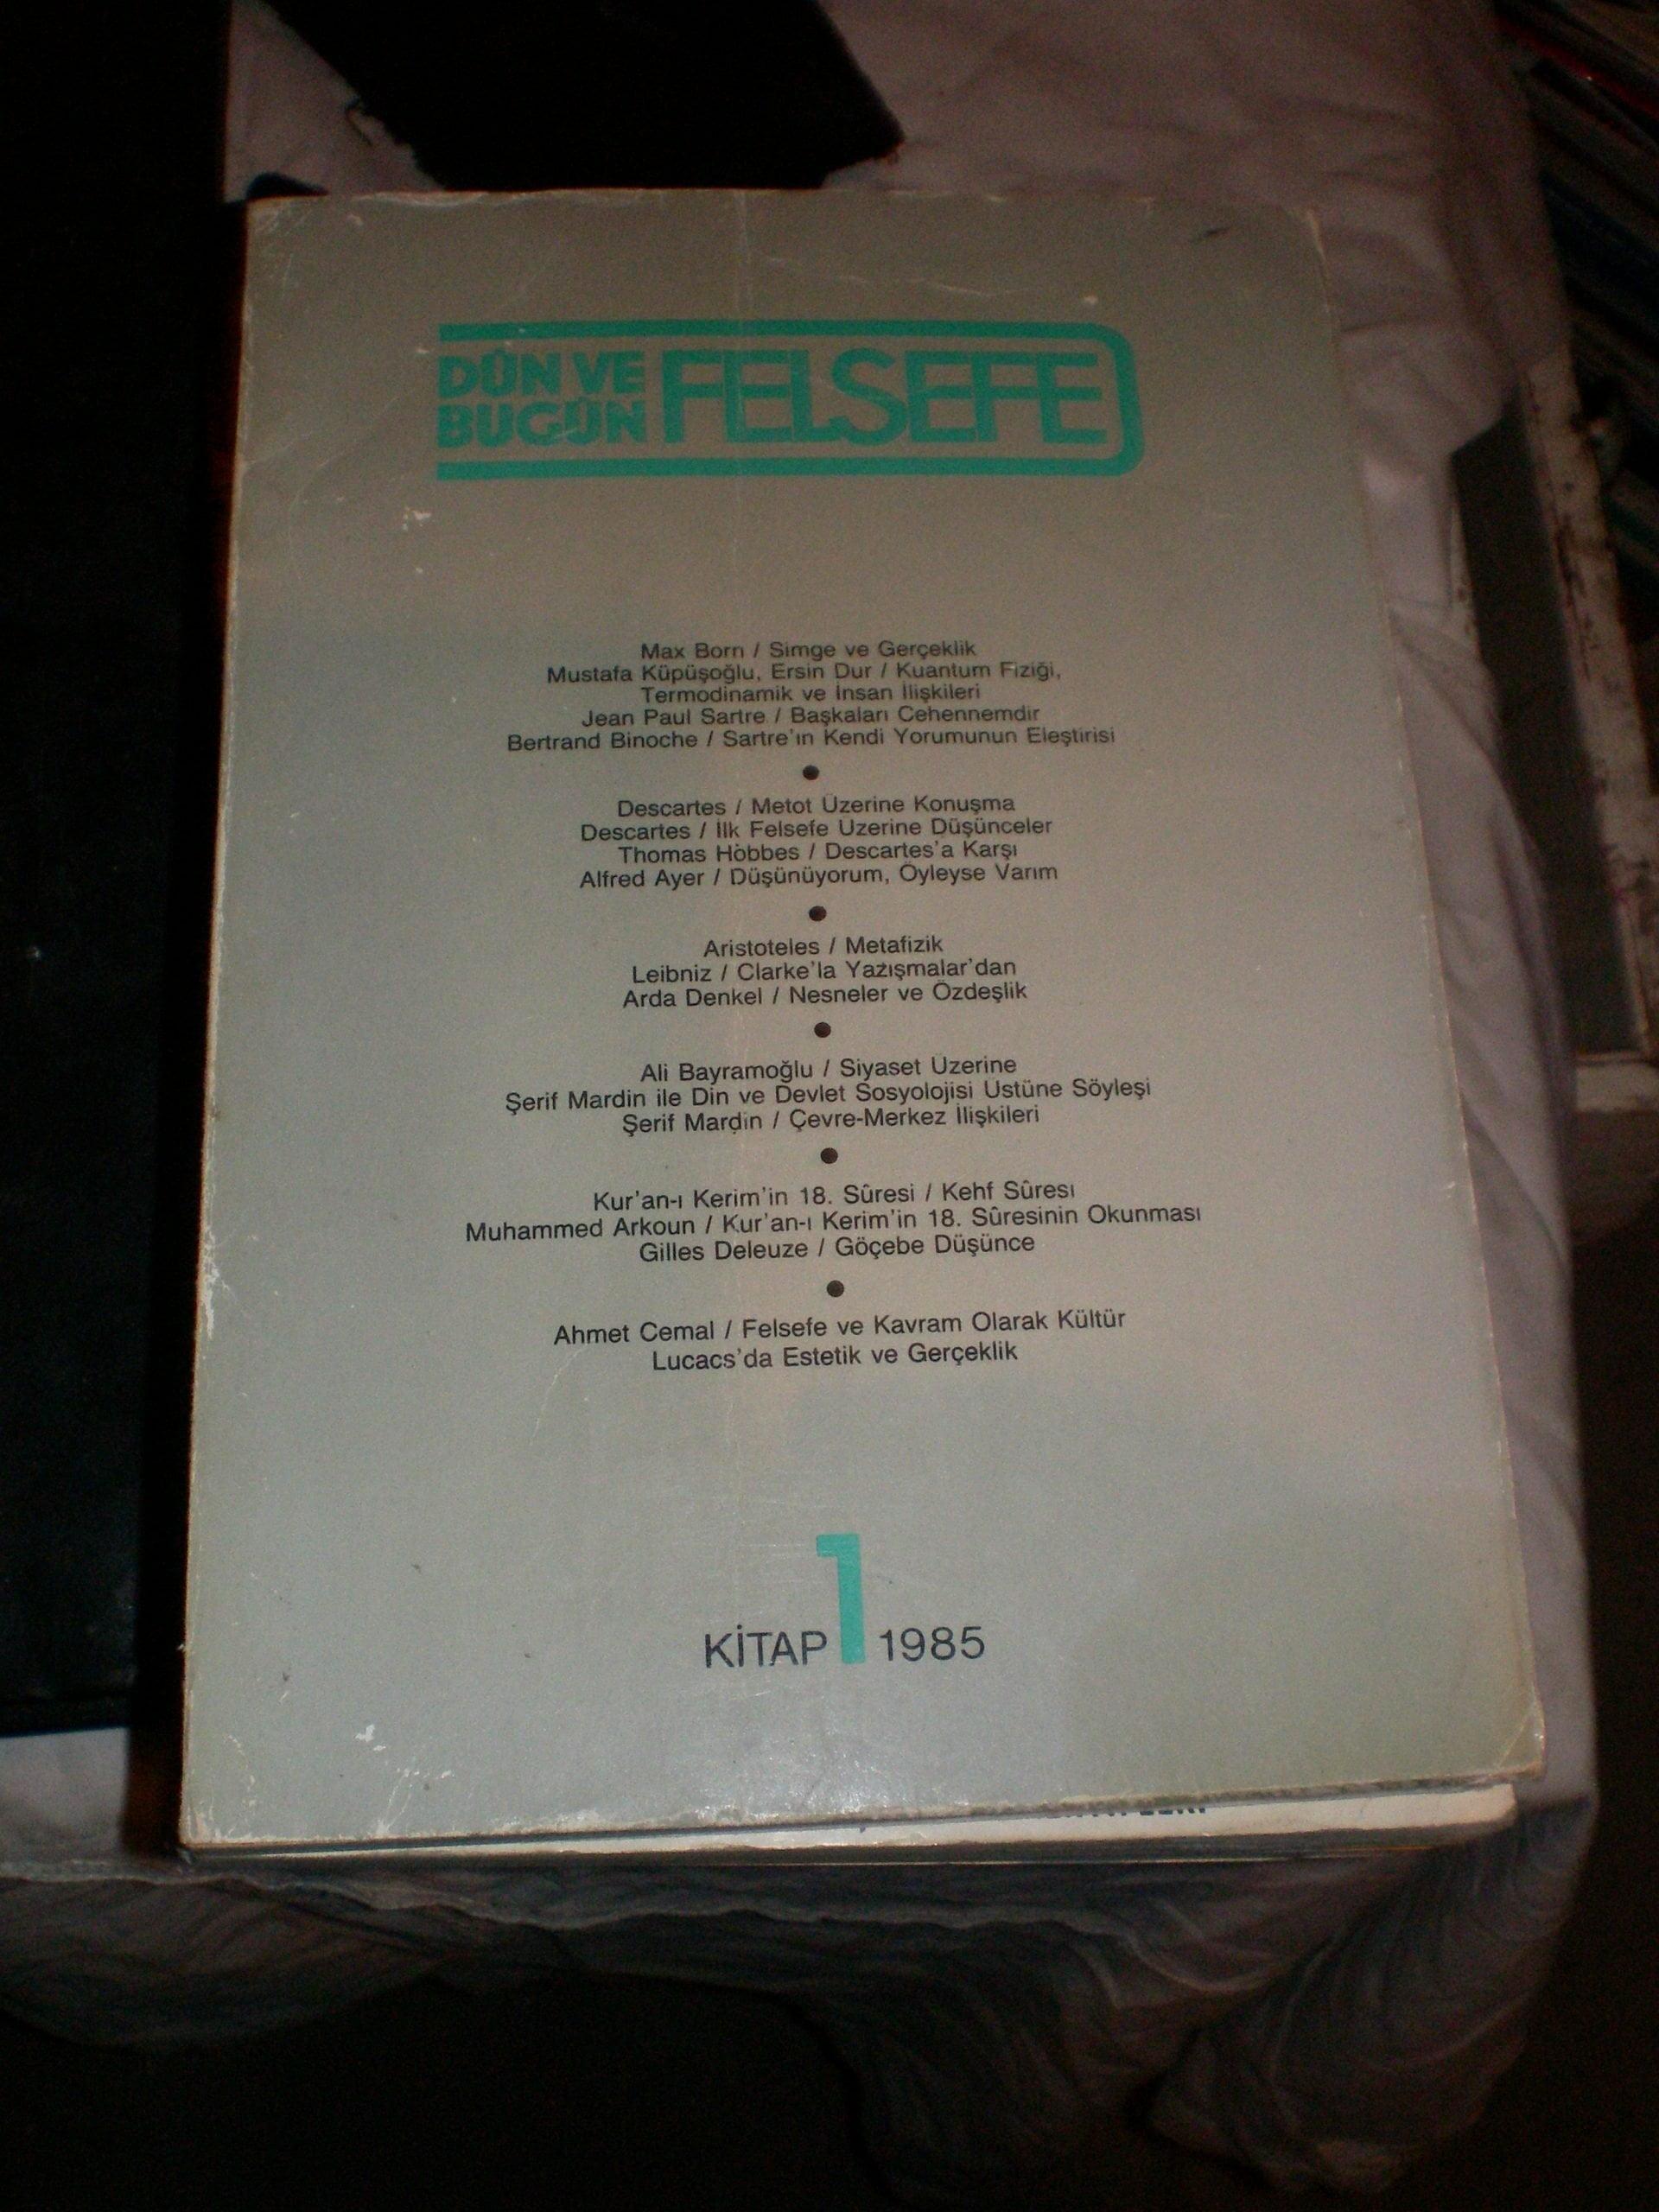 DÜN ve BUGÜN FELSEFE-Kitap 1 -1985/ 15 TL